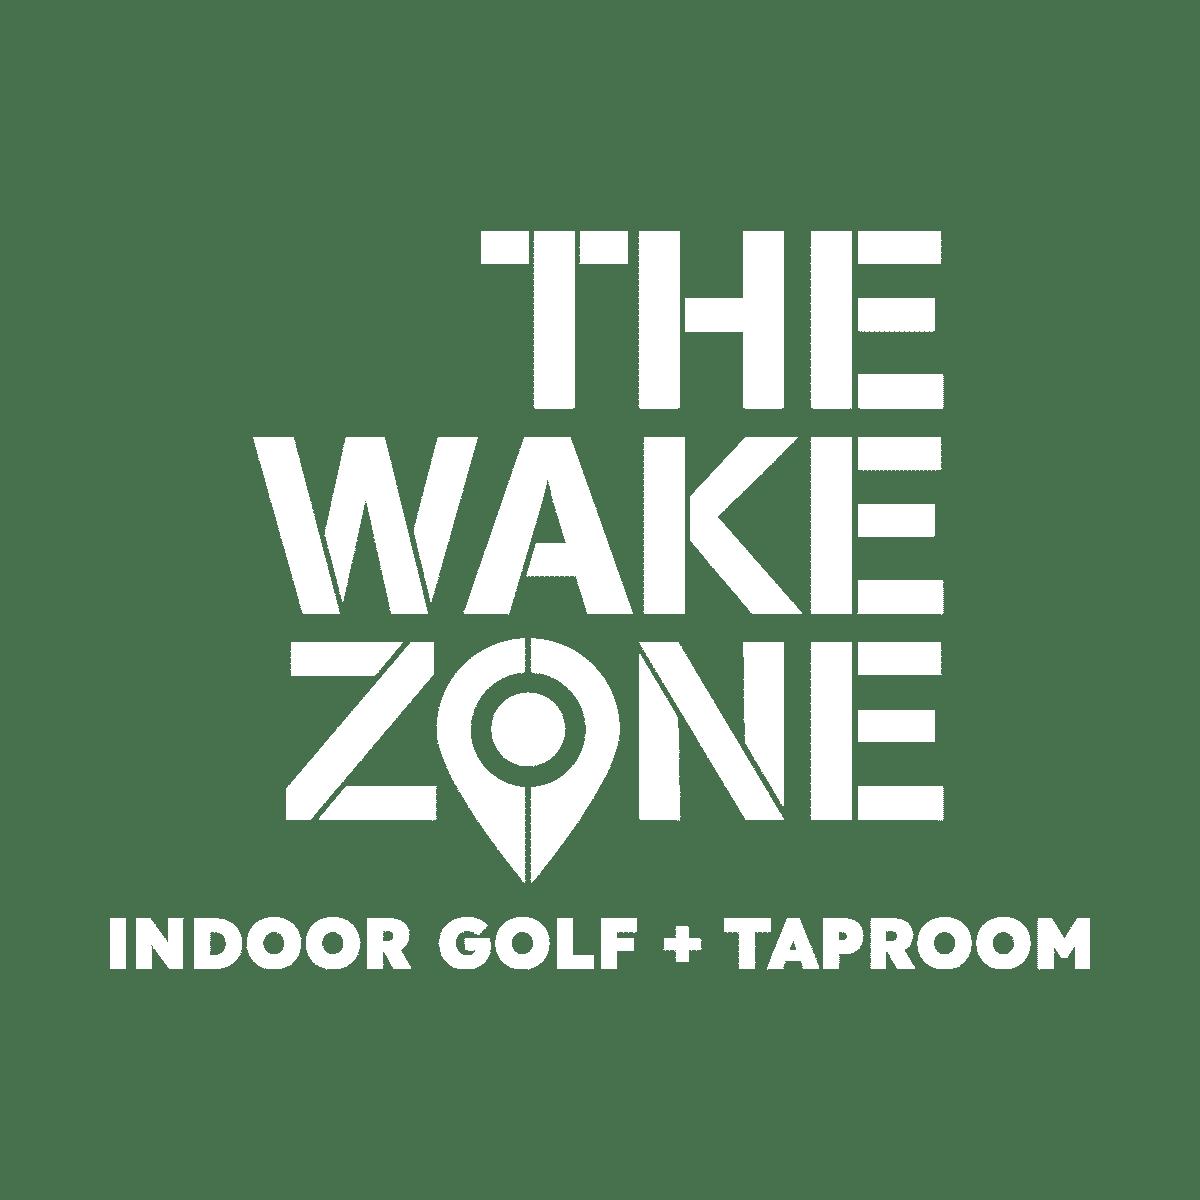 The Wake Zone